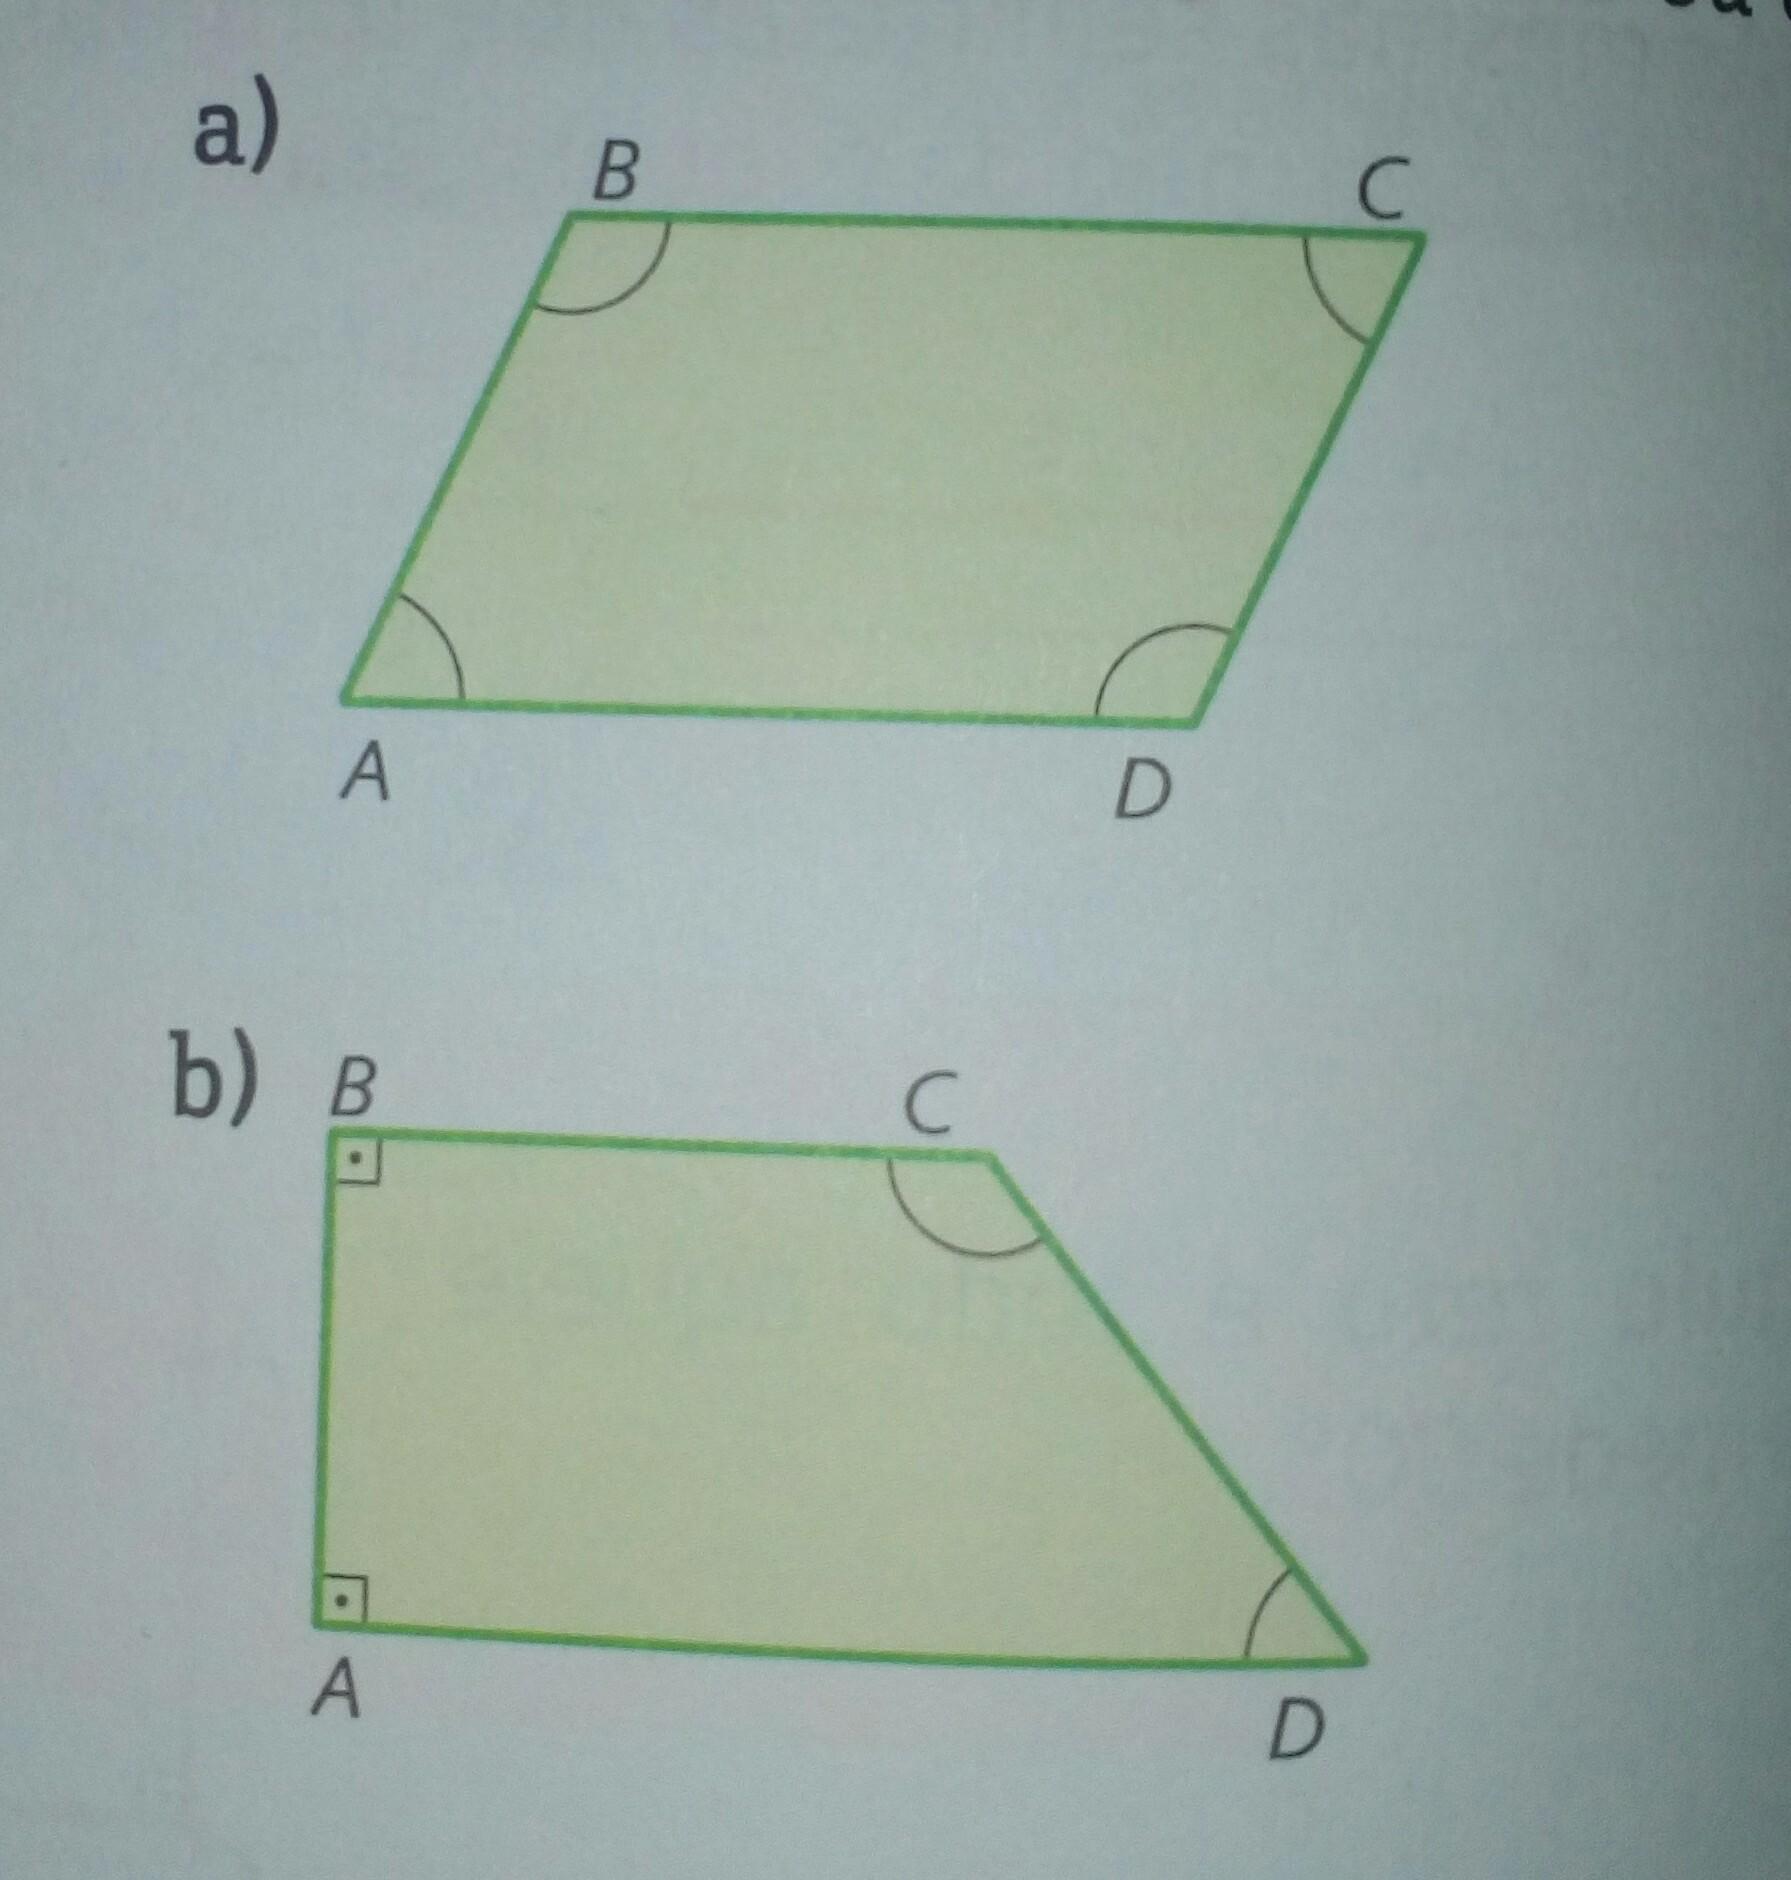 classifique cada ângulo destacado nas figuras abaixo em agudo reto